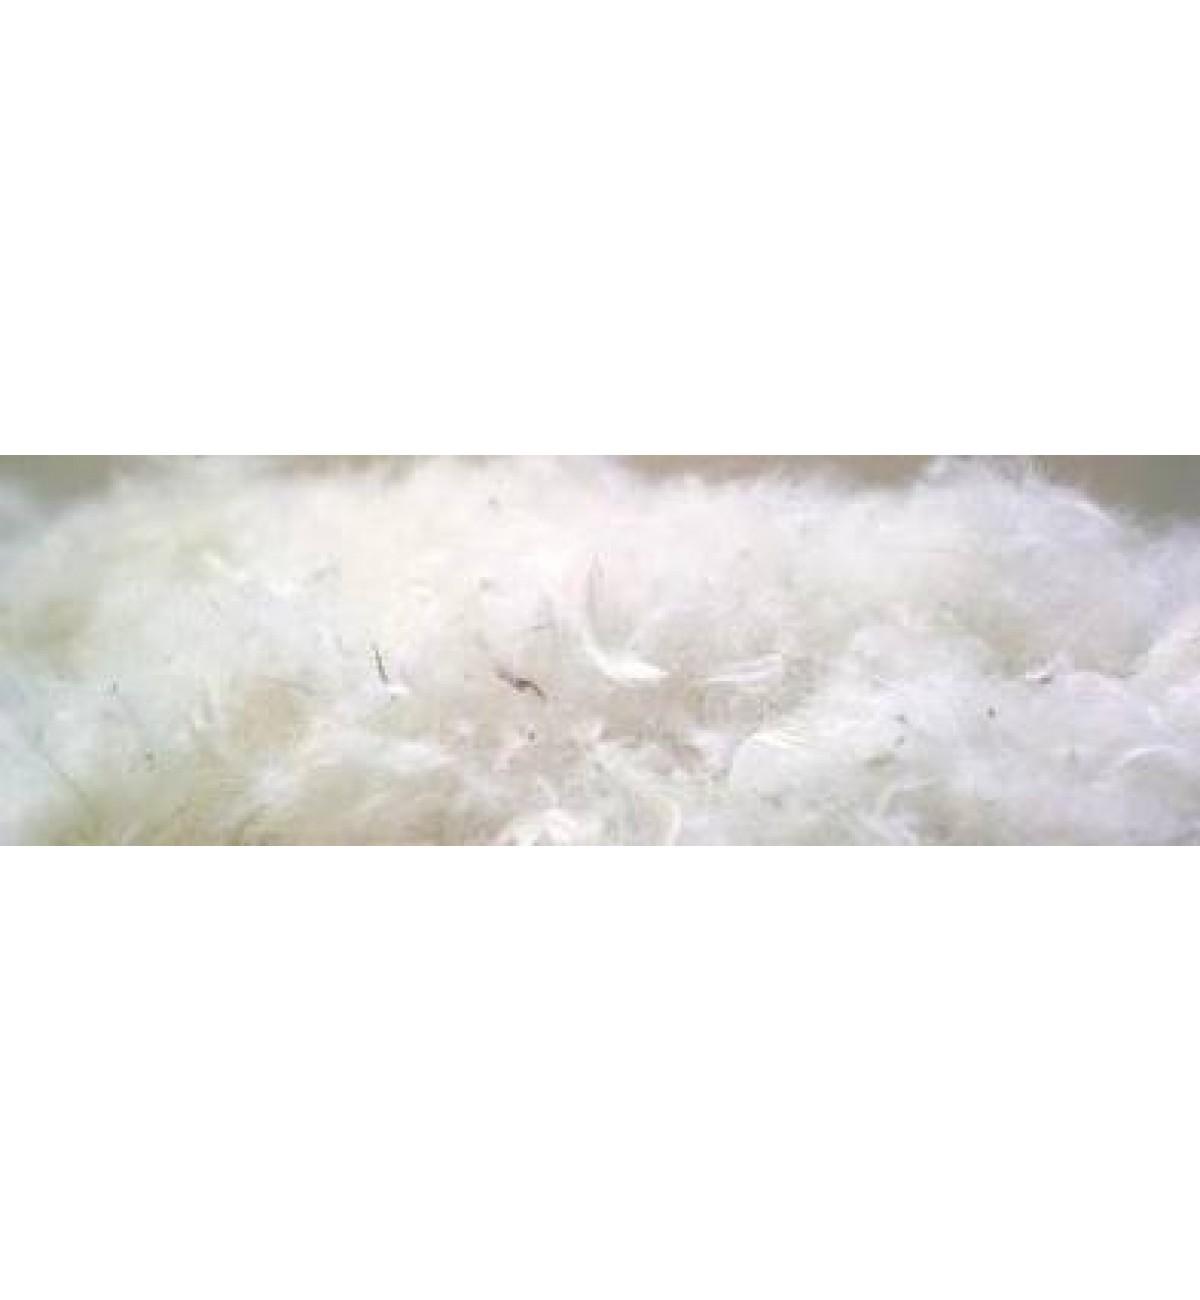 Paquete de 1 kg de plumas a granel de oca o ganso para